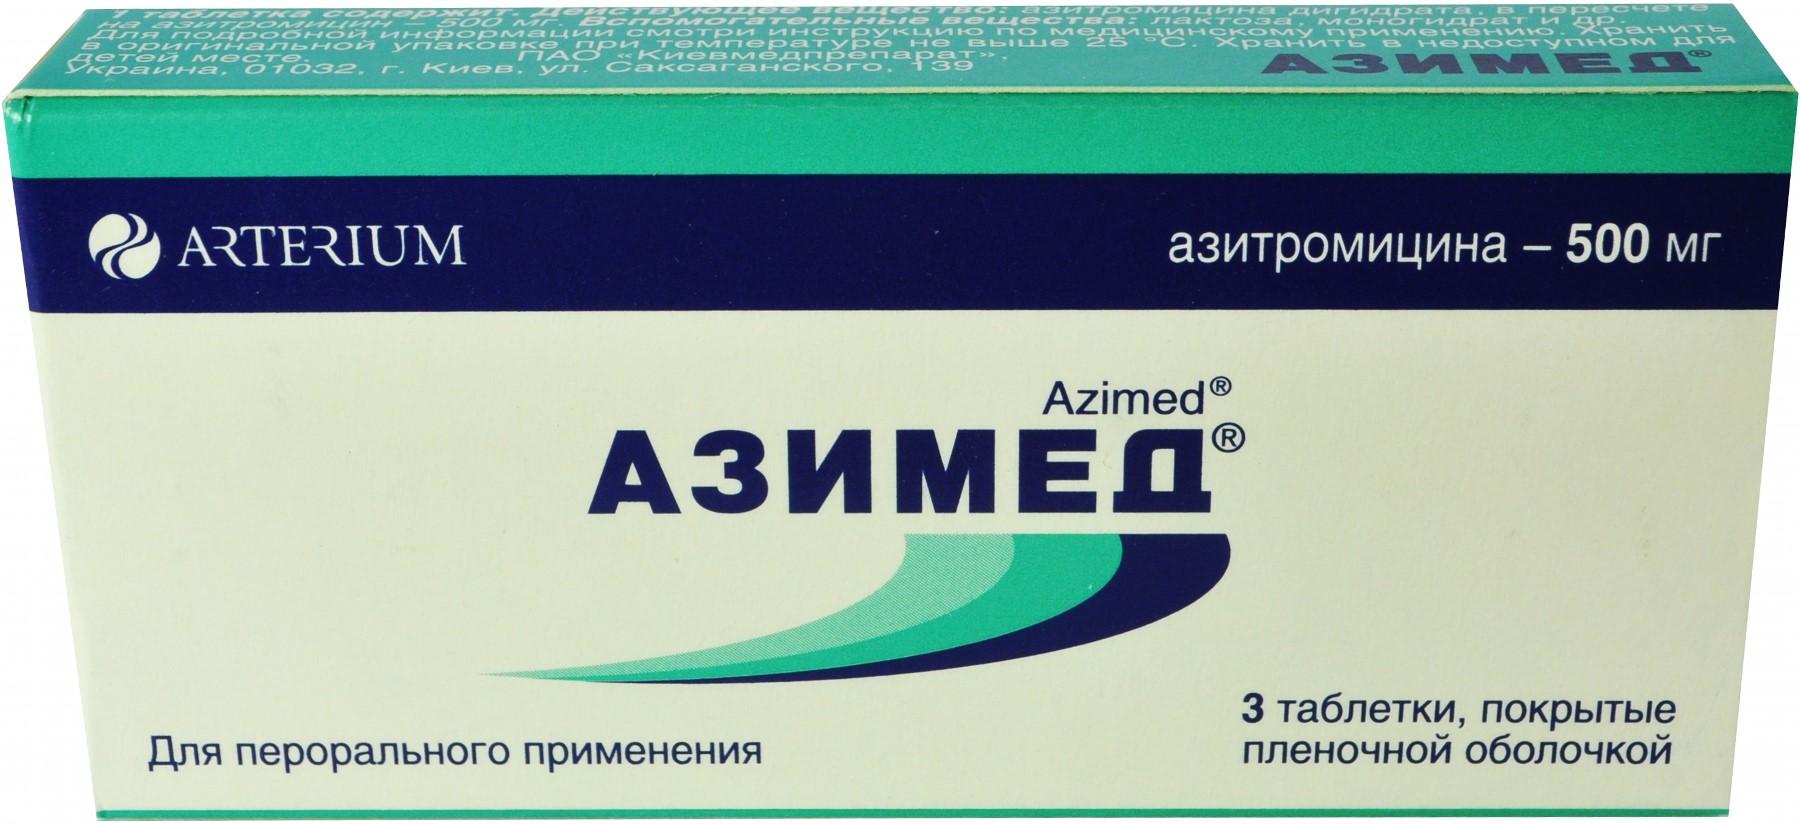 Таблетки Азитромицин: инструкция по применению для взрослых и детей, состав, дозировка, аналоги